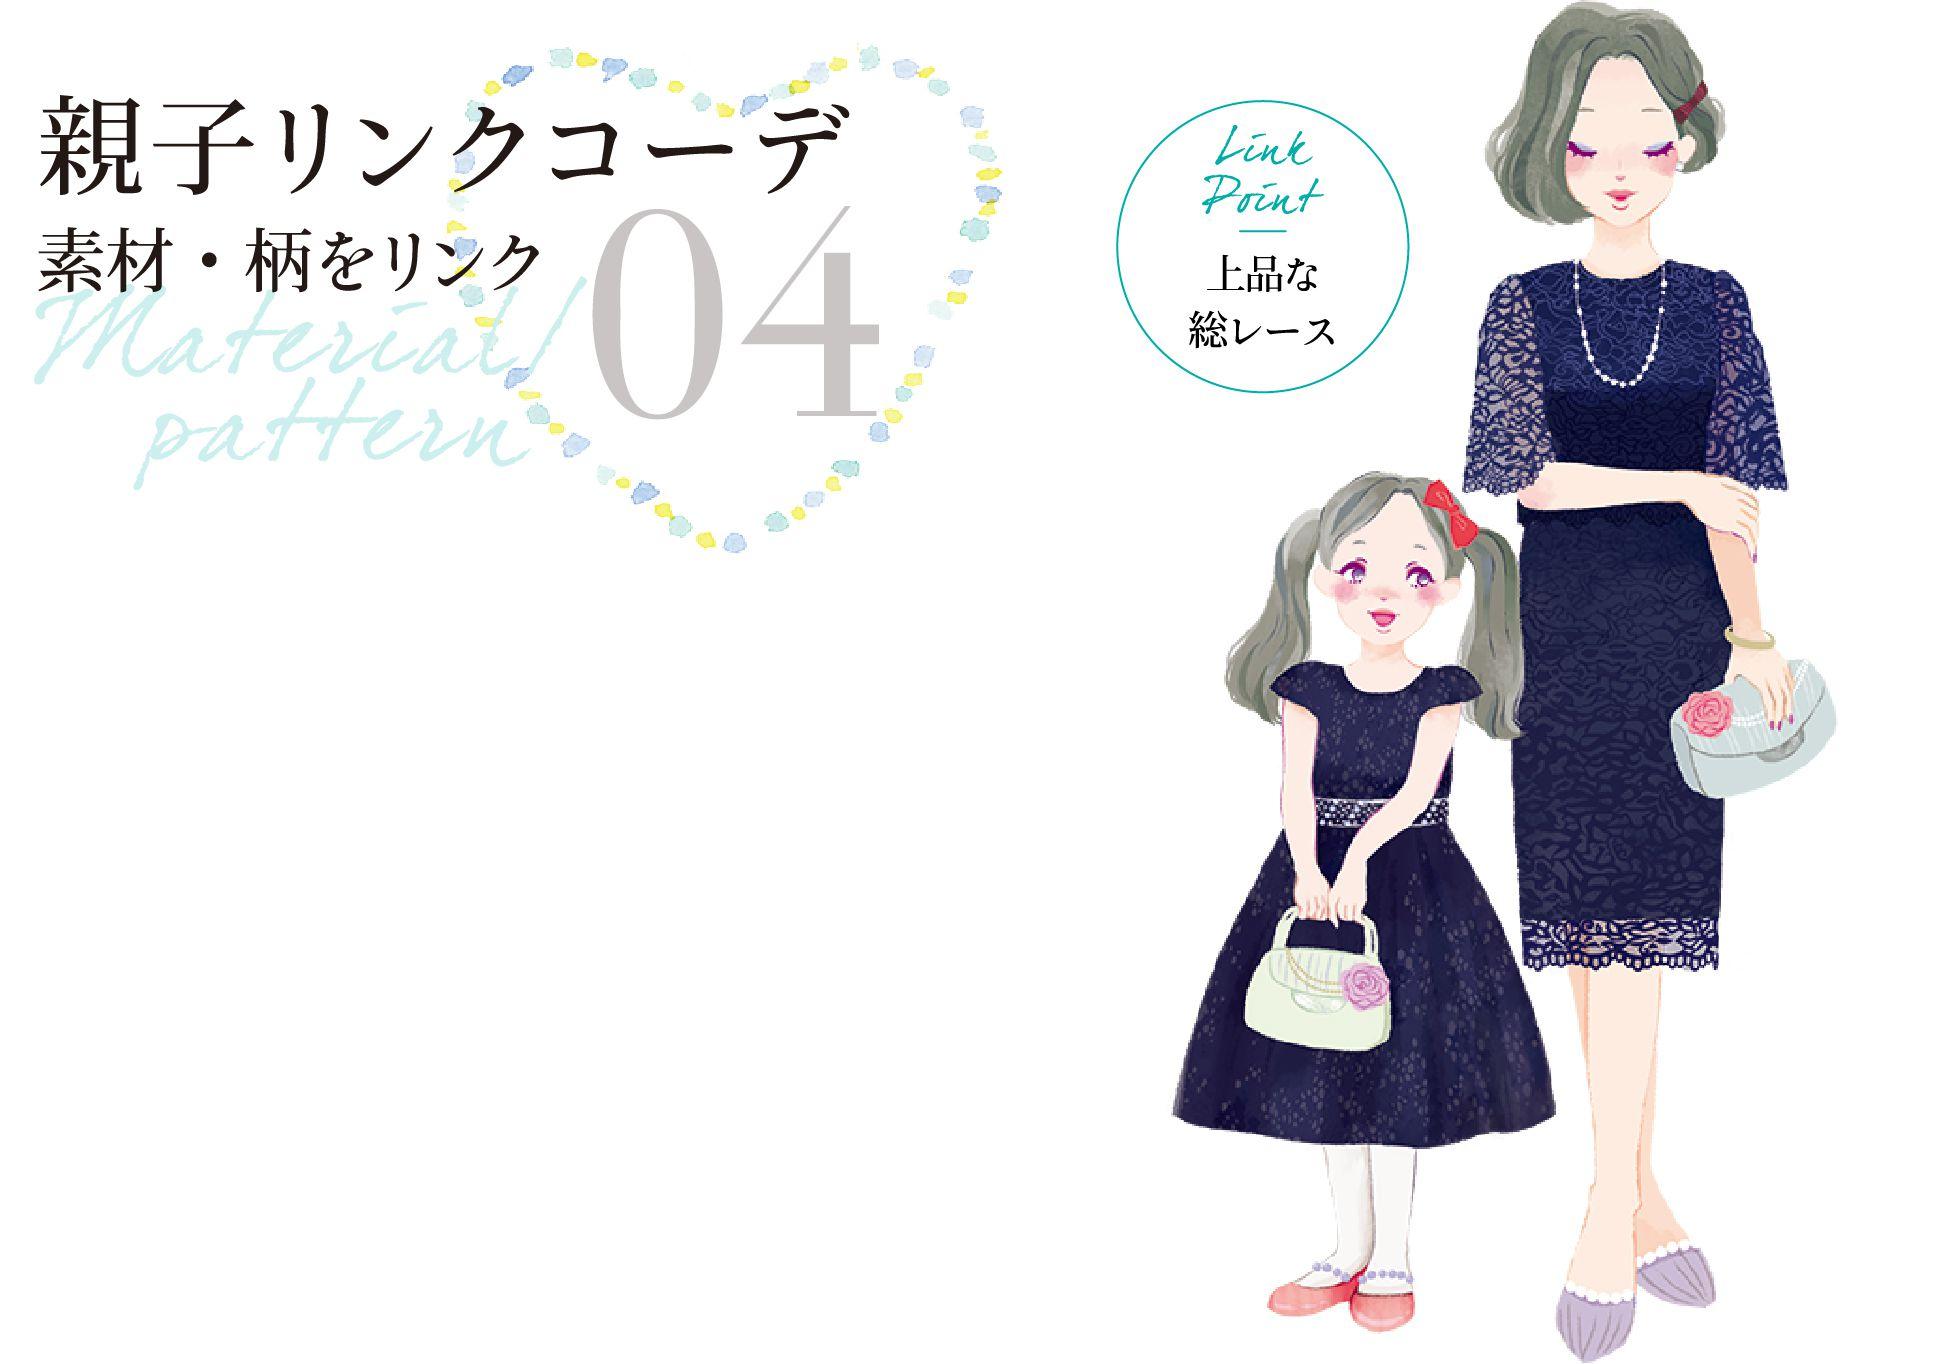 182dce771b1a1 親子のお揃いワンピースドレス特集!通販よりもシェアで安く♪